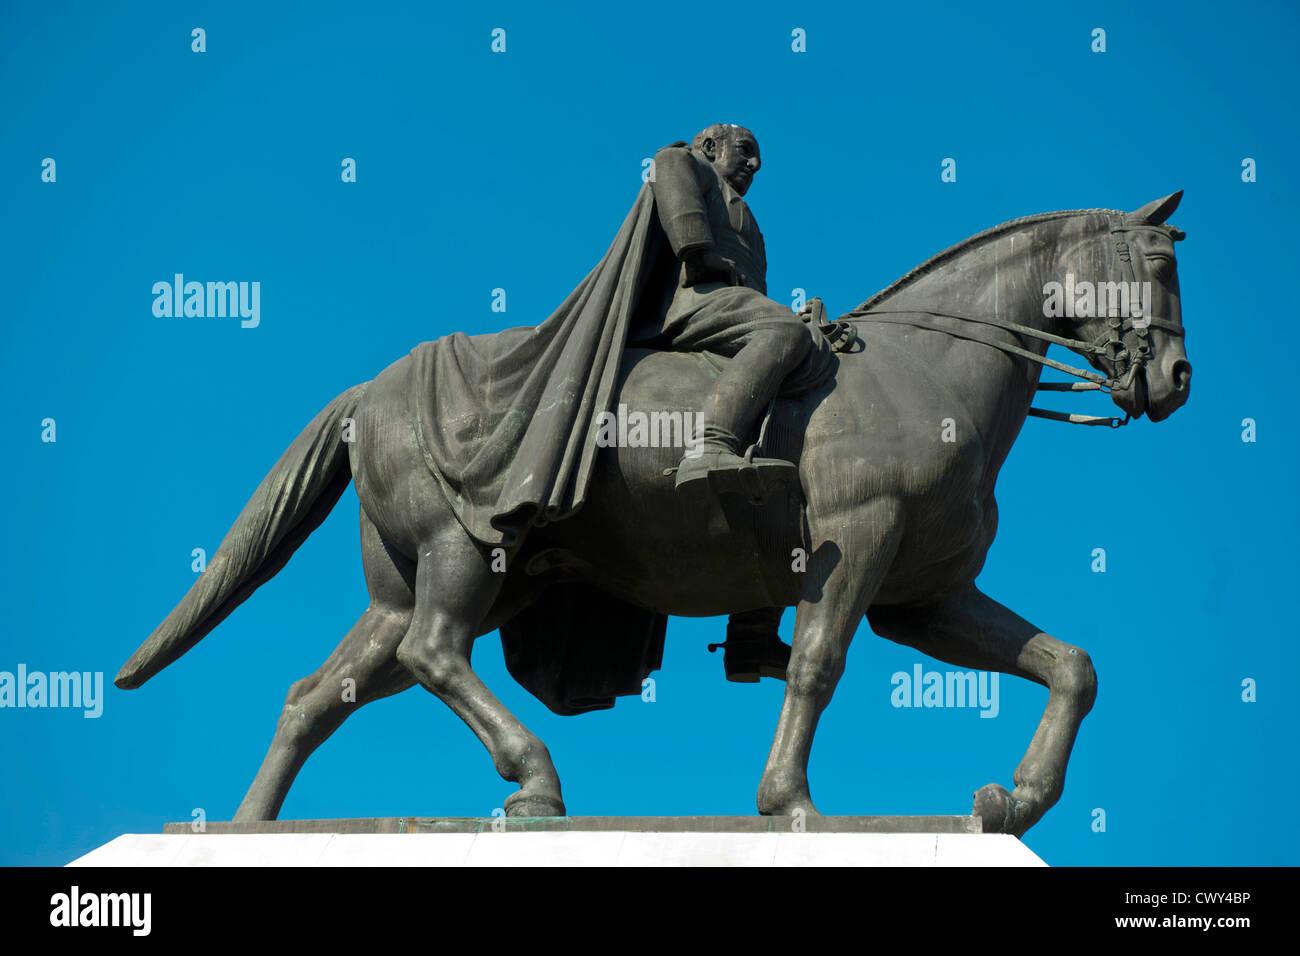 Türkei, Istanbul, Macka, Reiterstandbild von Ismet Inönü - Stock Image